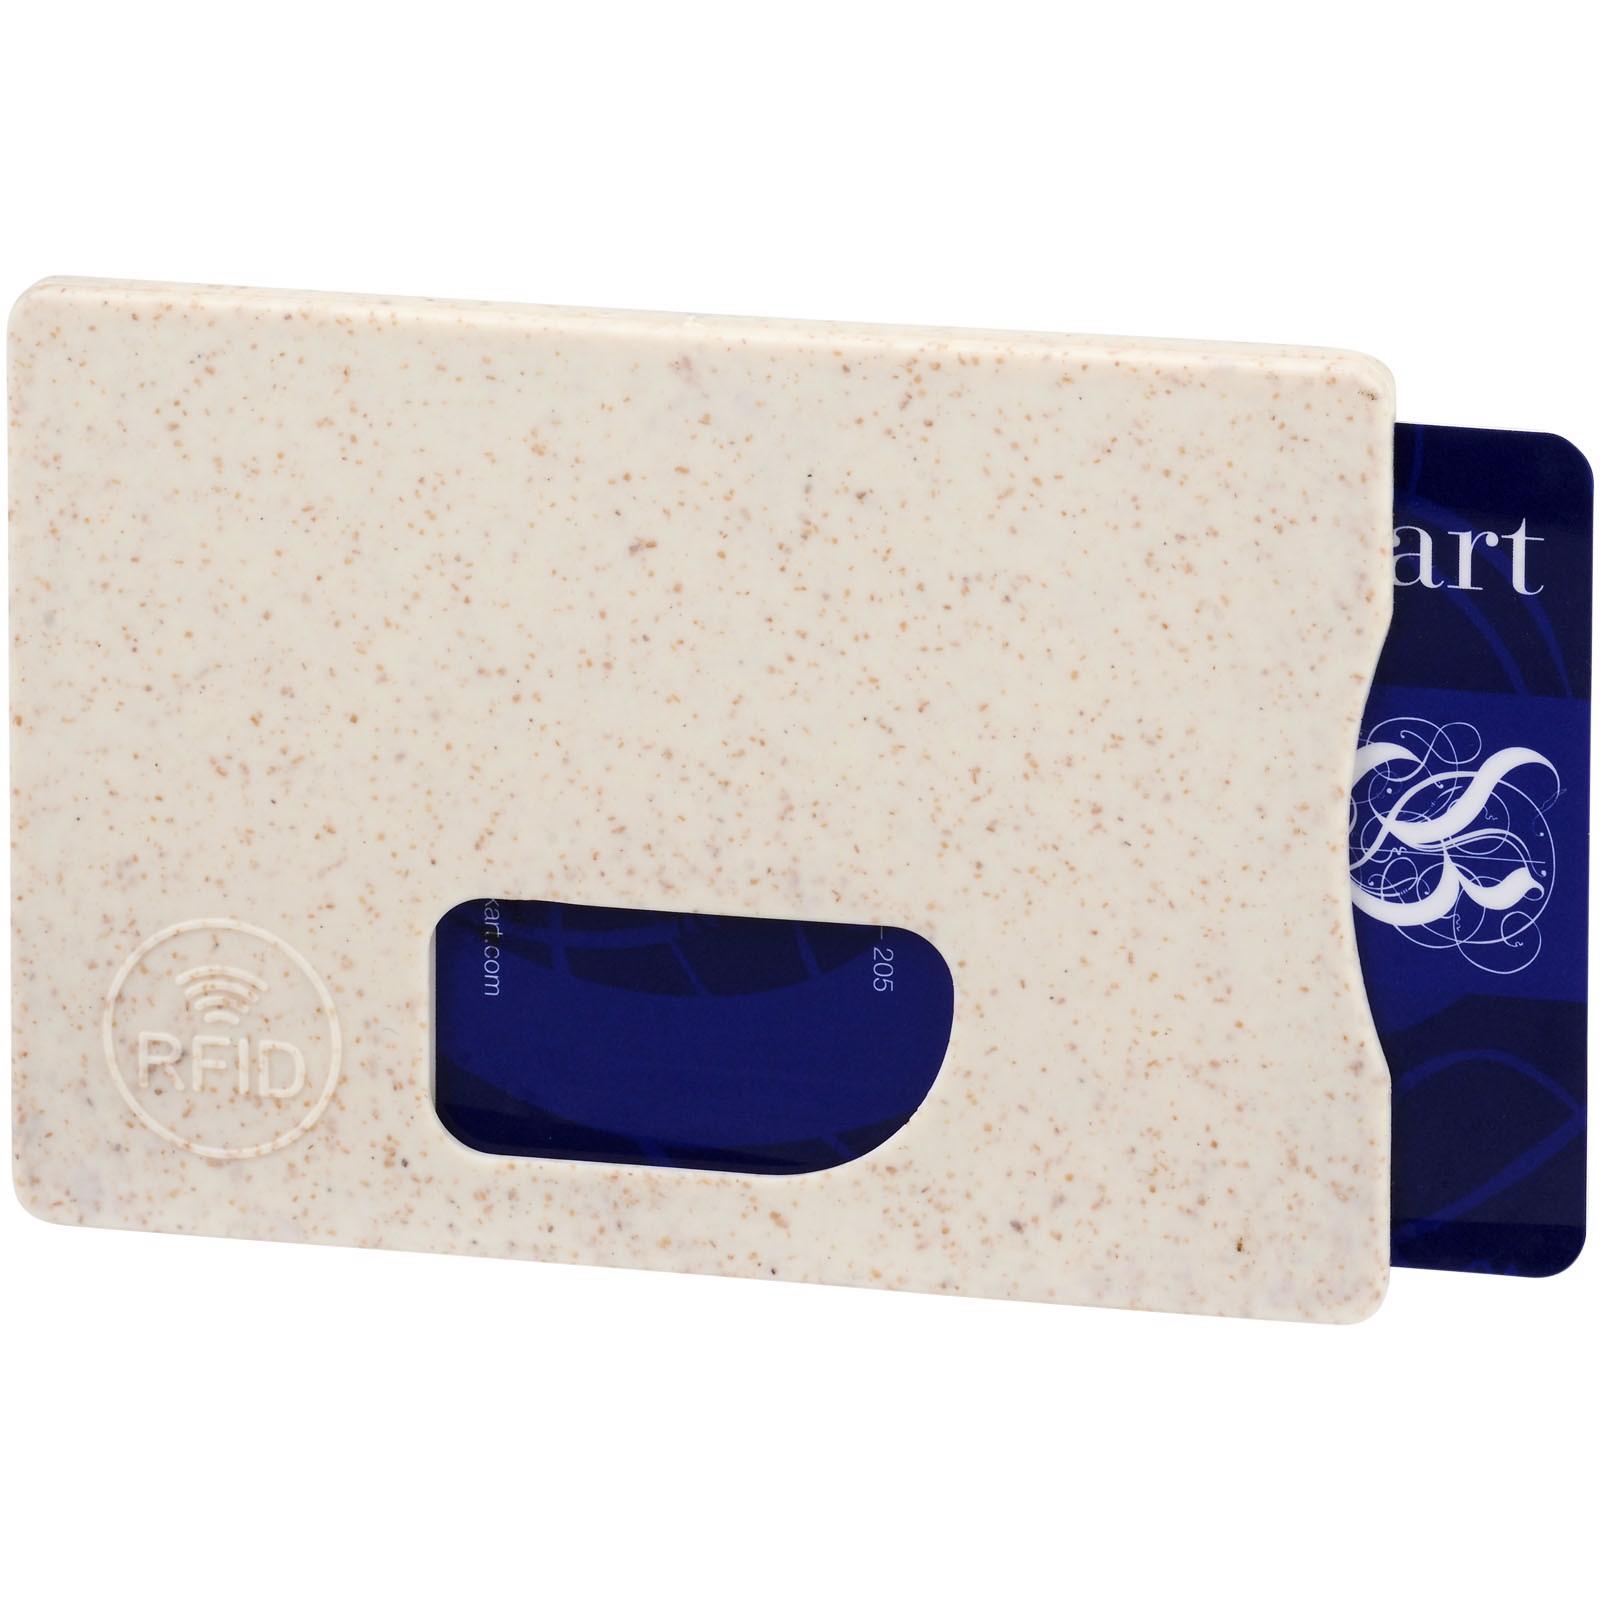 Straw RFID card holder - Beige